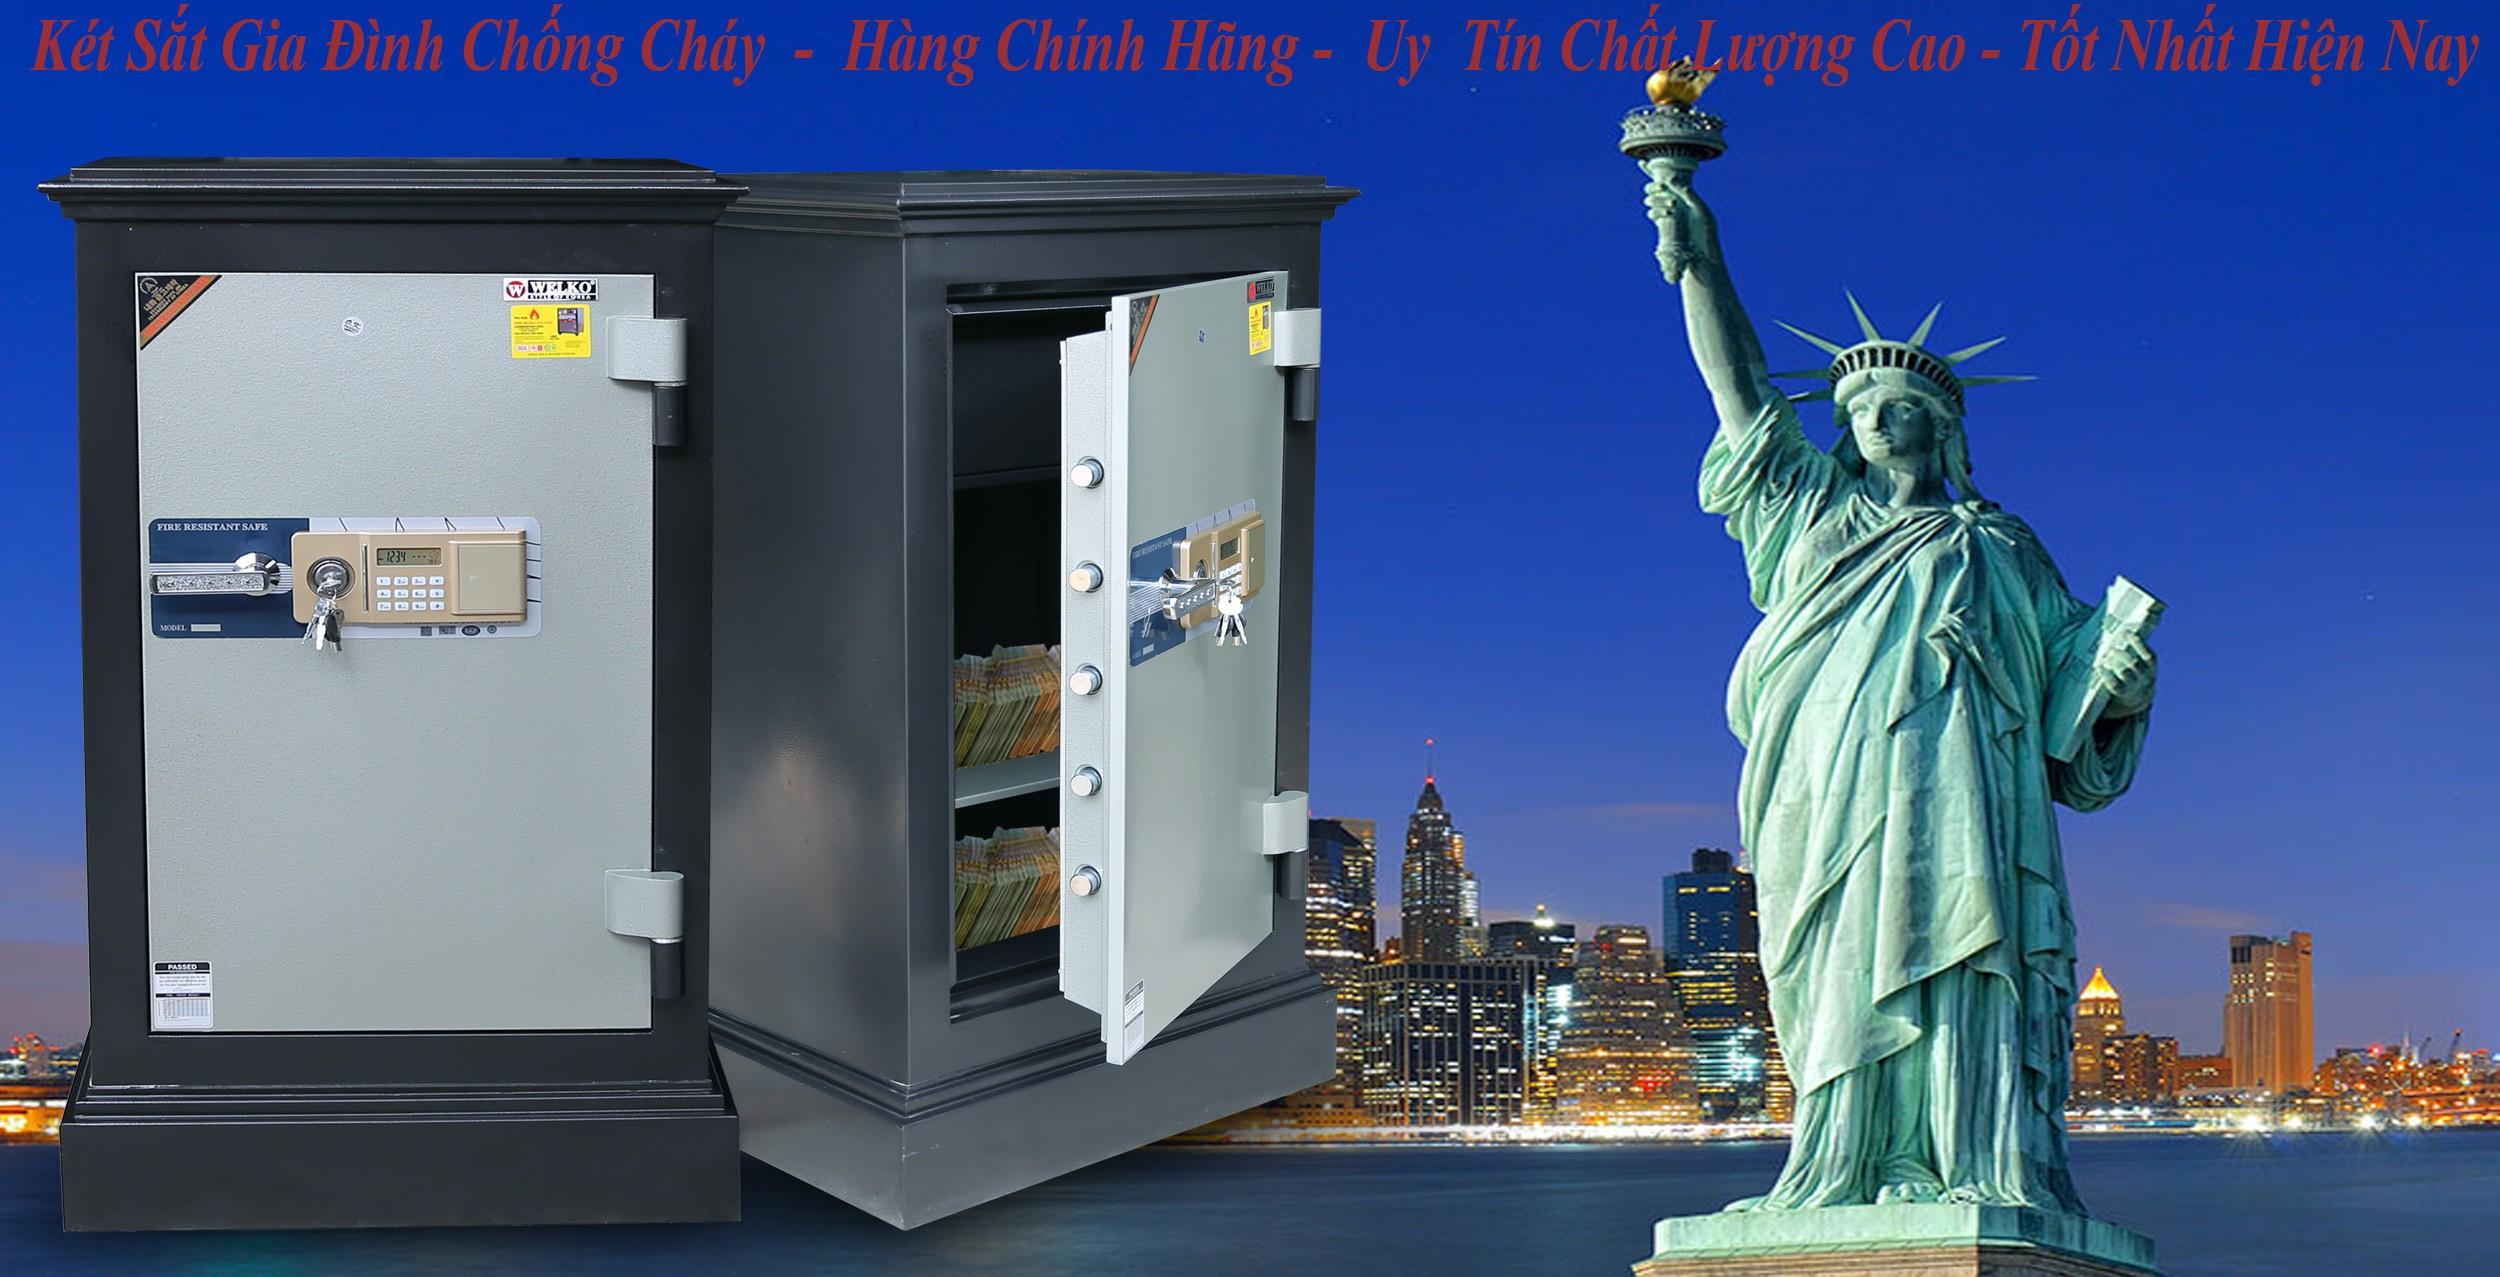 hình ảnh sản phẩm mua két sắt hạch toán như thế nào - két sắt Fireproof Safes